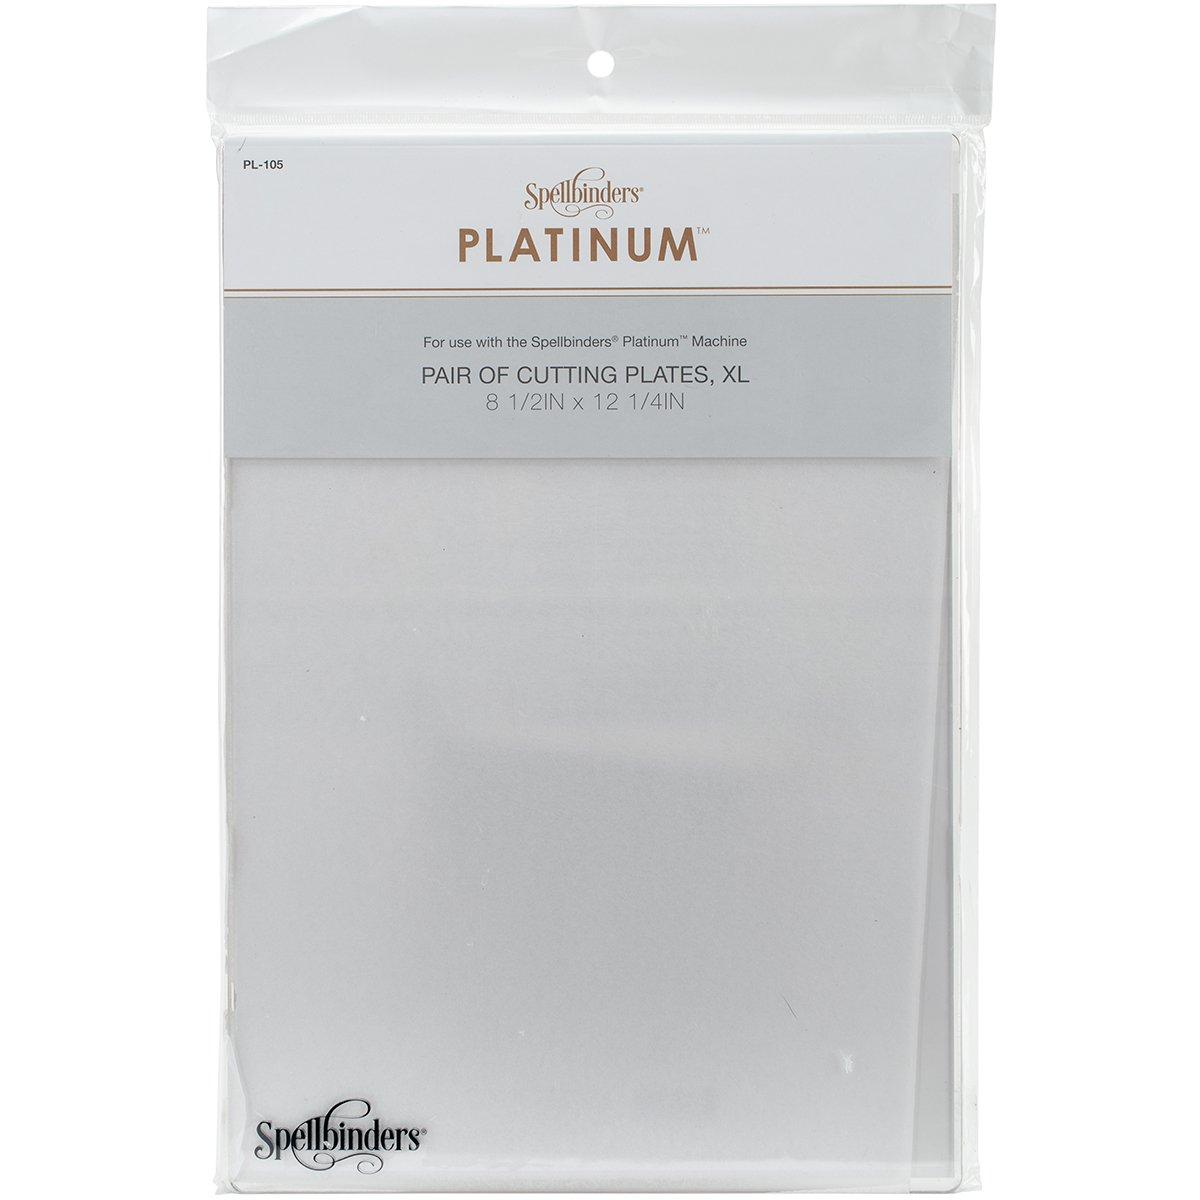 Unbekannt Spellbinders Platinum Schneiden Teller Sonstige Mehrfarbig 0.63 x 22.86 x 34.92 cm